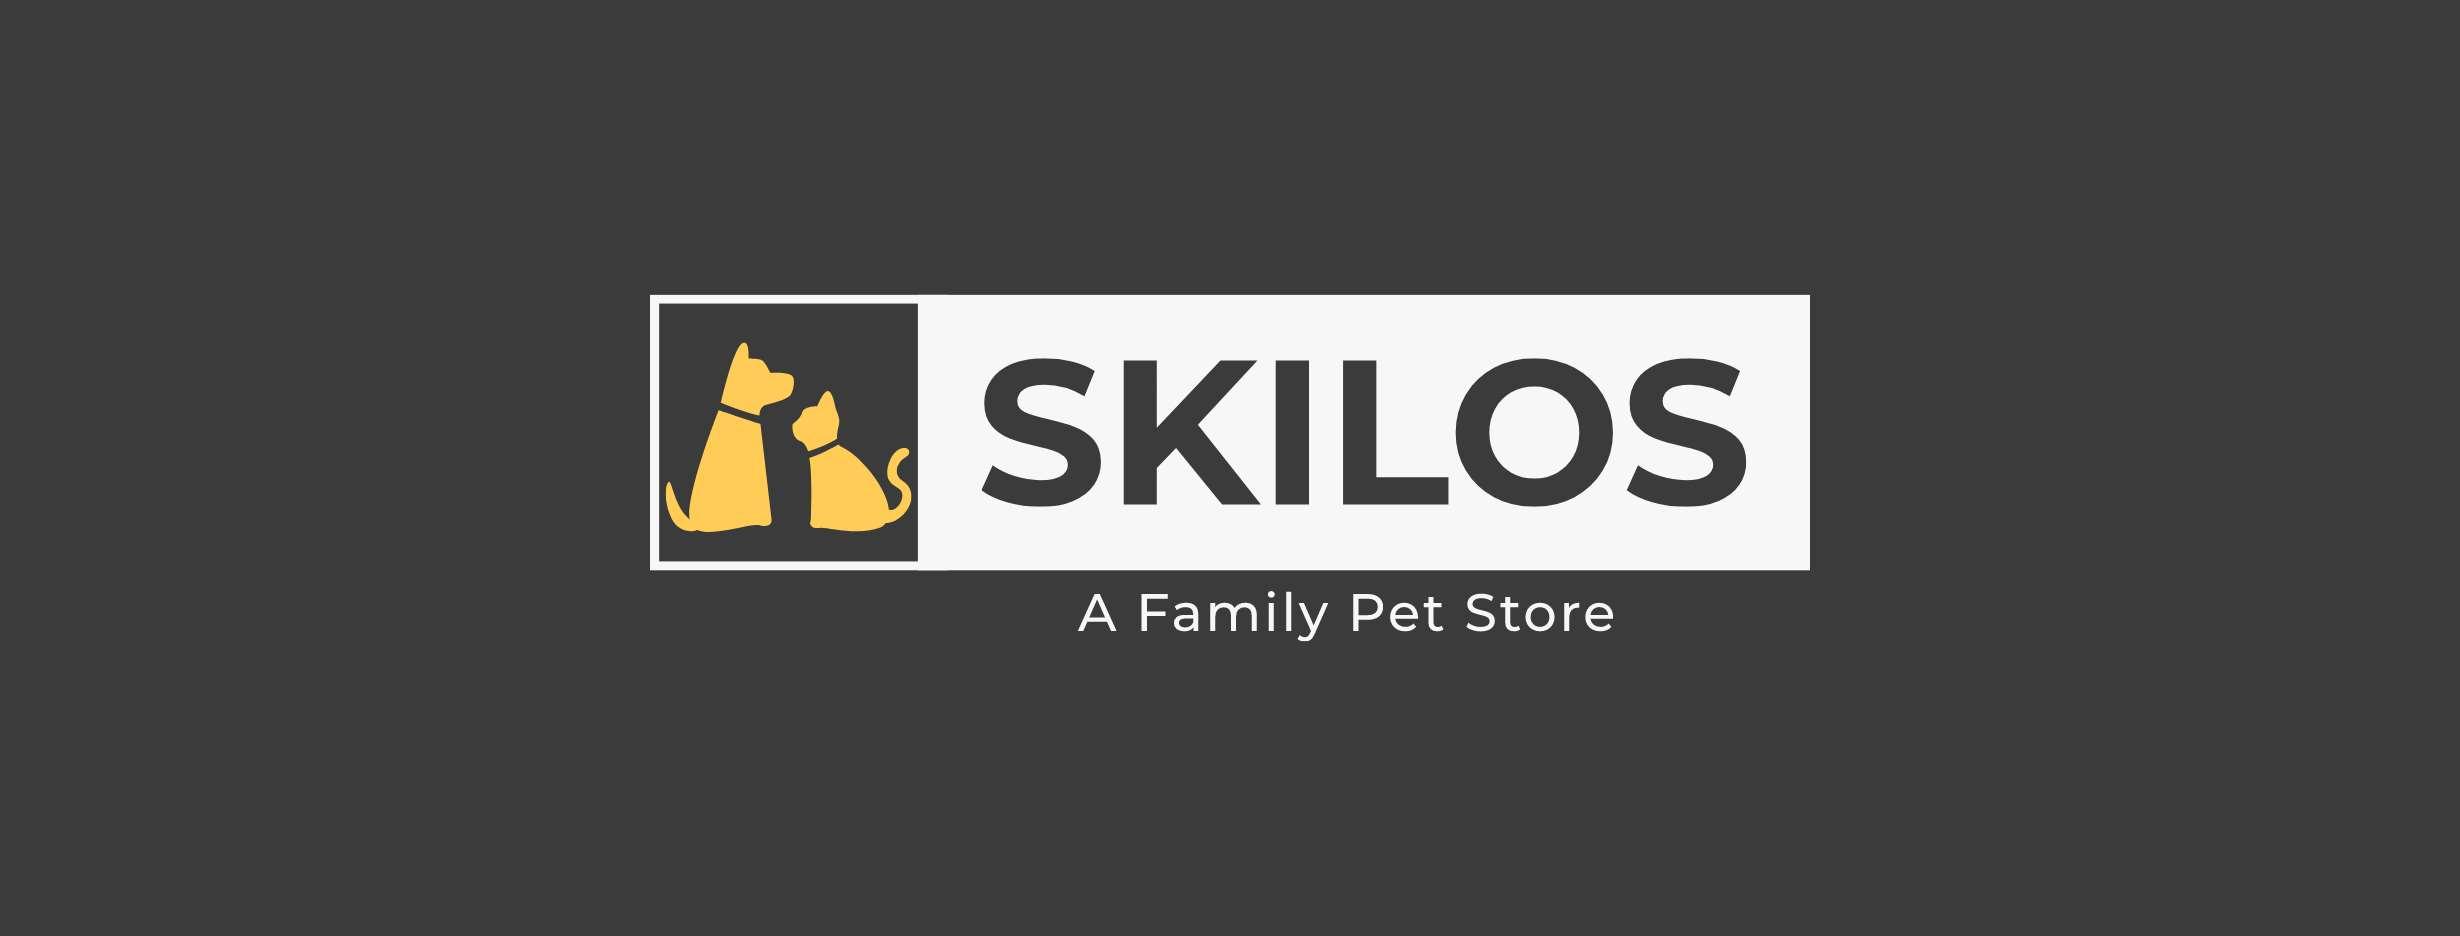 Skilos - A Family Pet Store